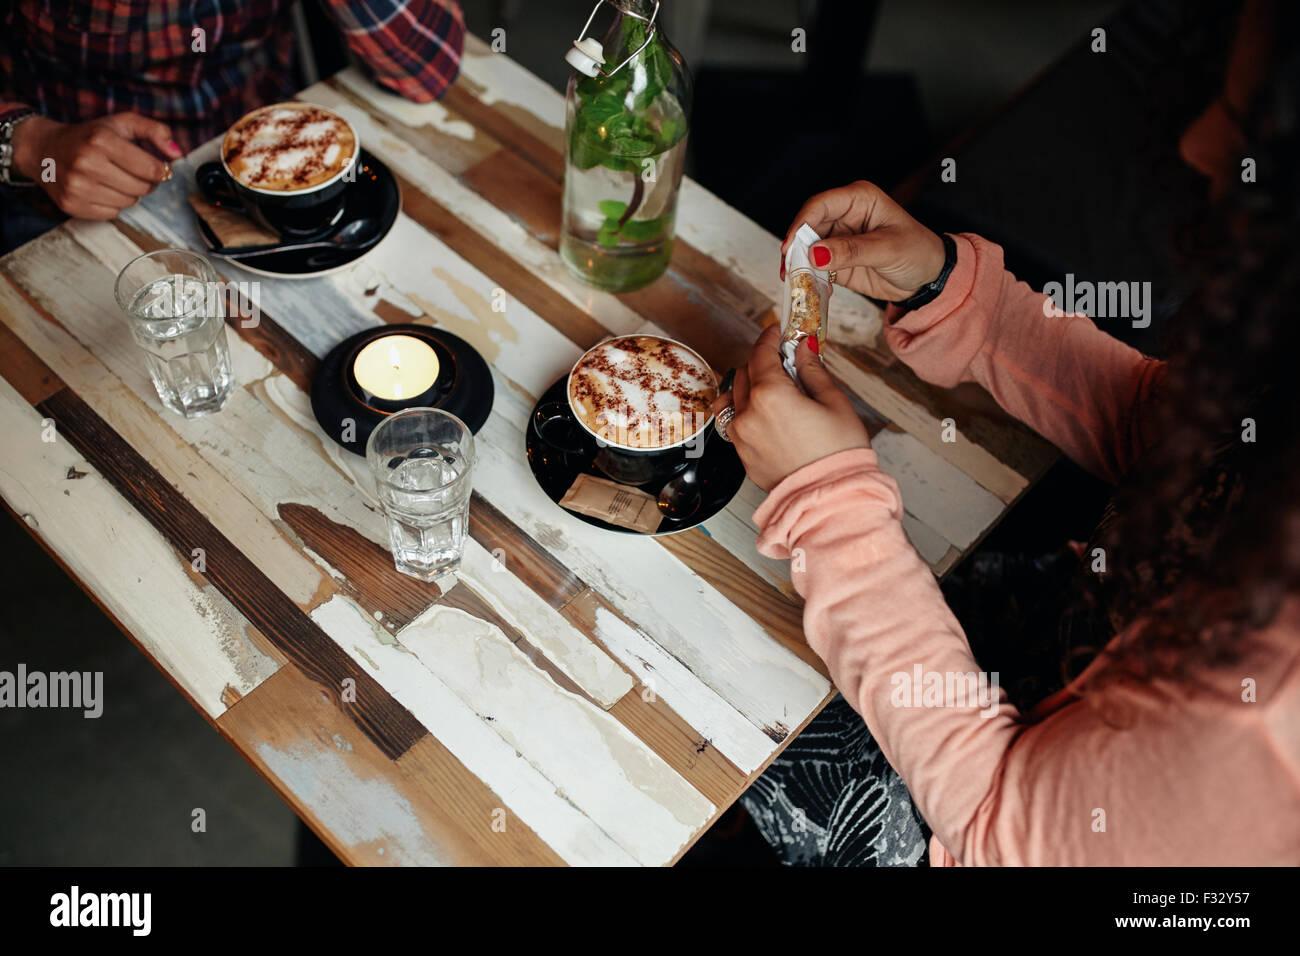 Direttamente sopra vista del caffè sul tavolo del bar. Due donne seduti al ristorante con tazza di caffè. Immagini Stock